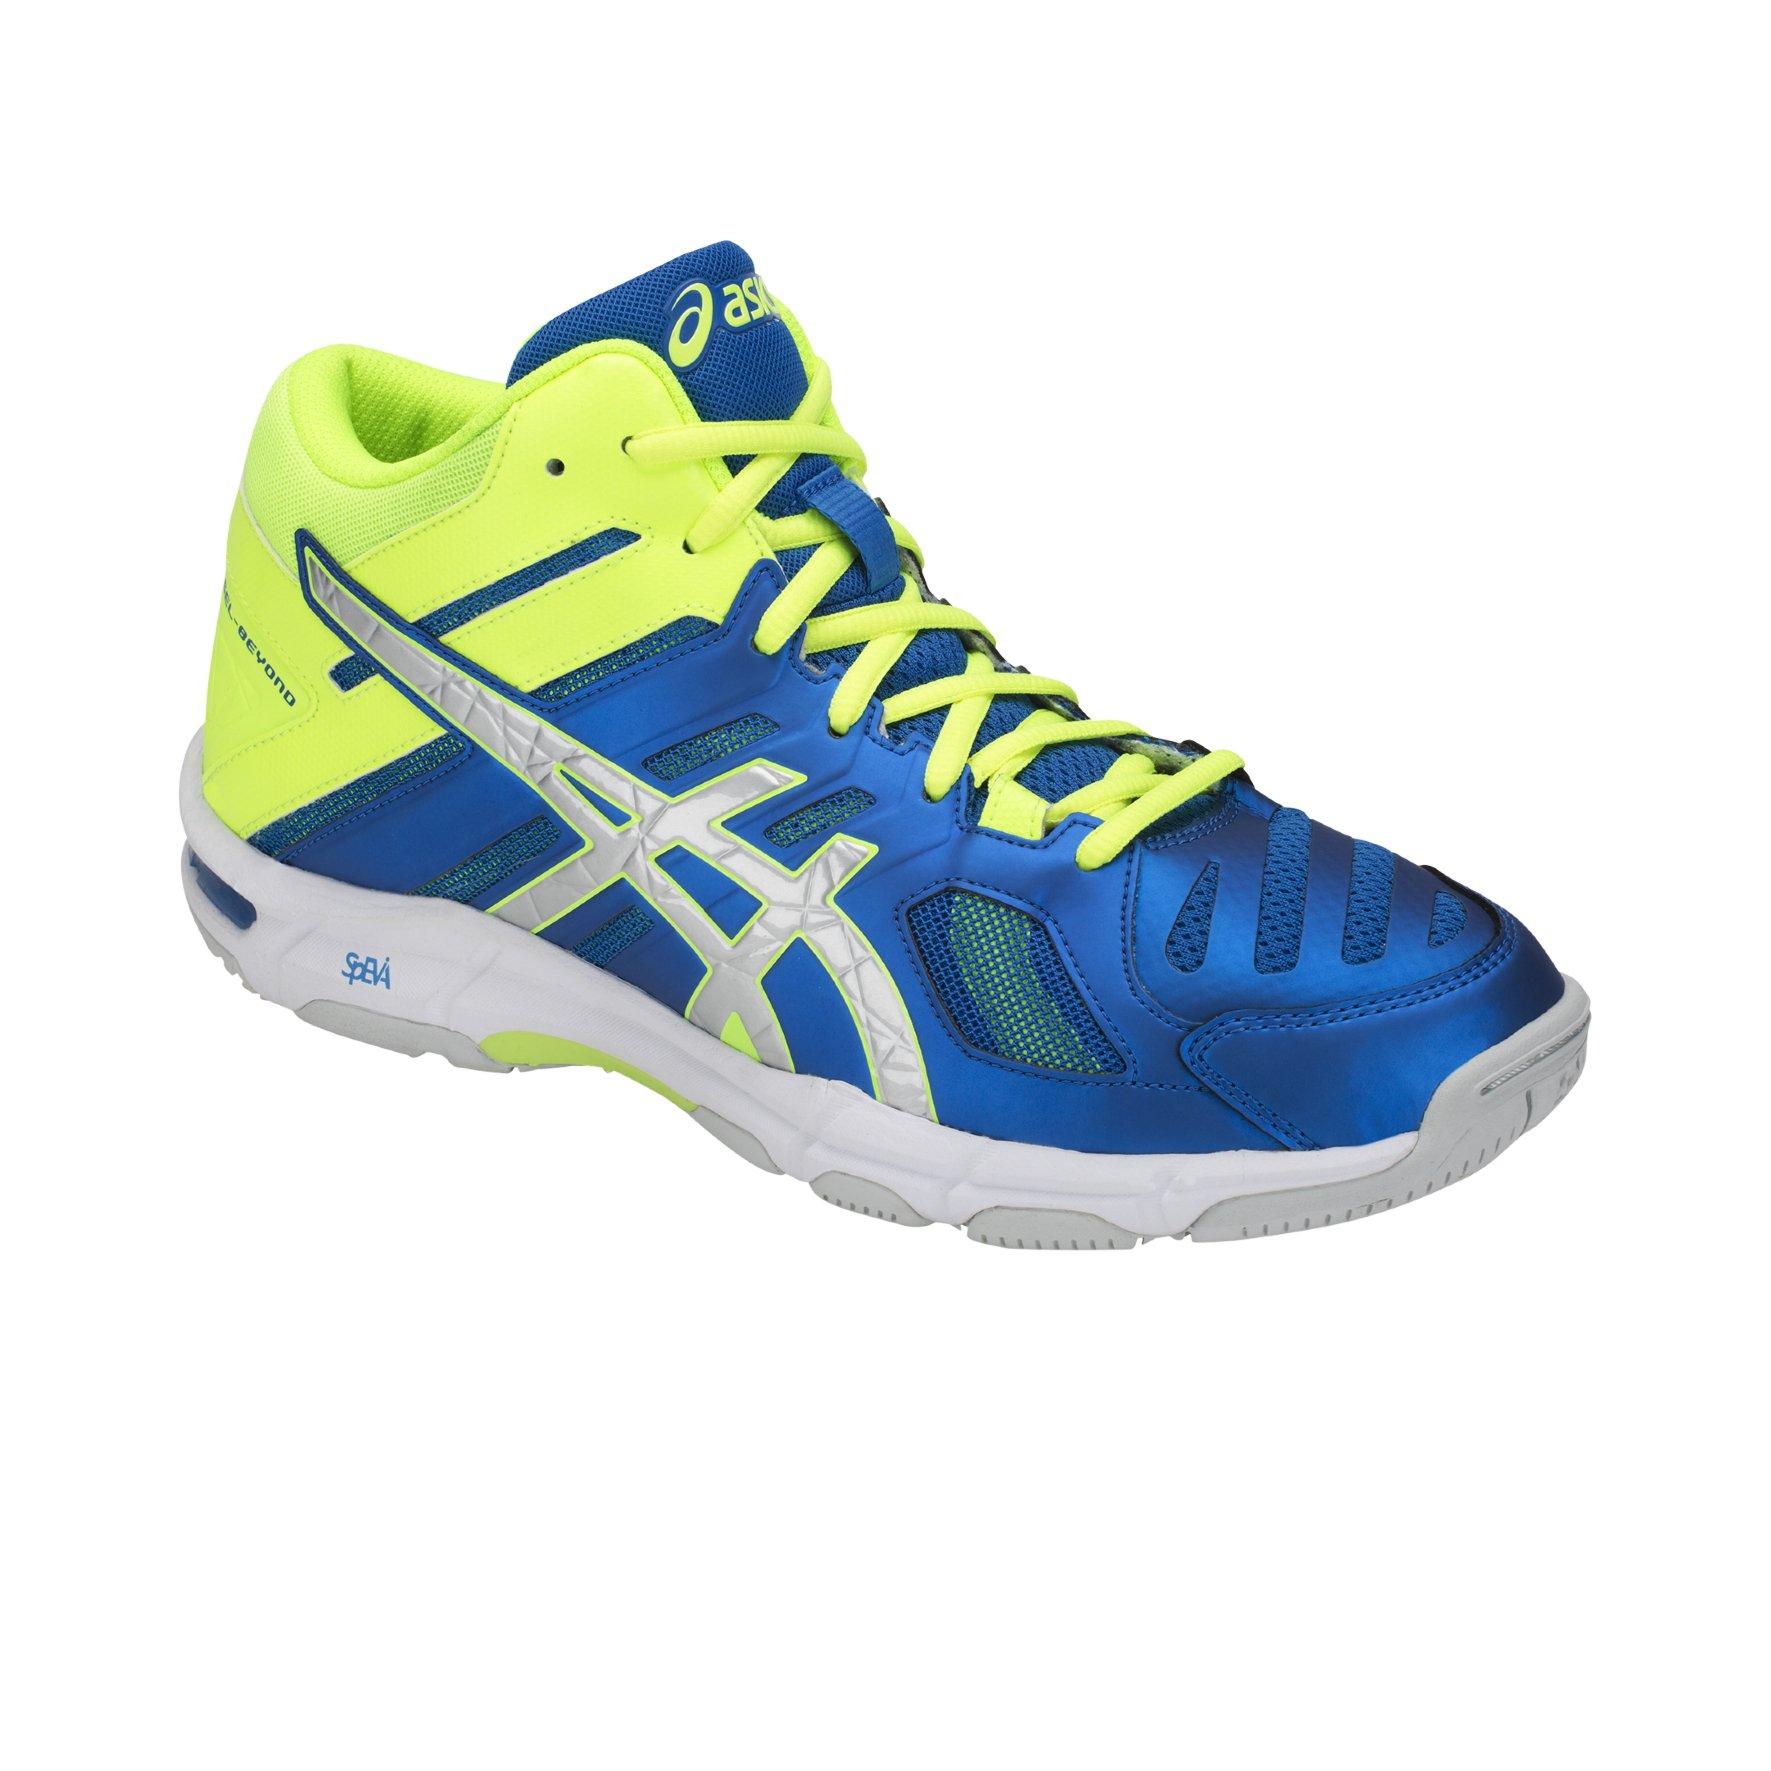 najlepiej sprzedający się buty na codzień oferować rabaty ОБУВЬ ASICS GELBEYOND 5 MT 47 OLSZTYN купить с доставкой из Польши с  Allegro на FastBox 7394809377